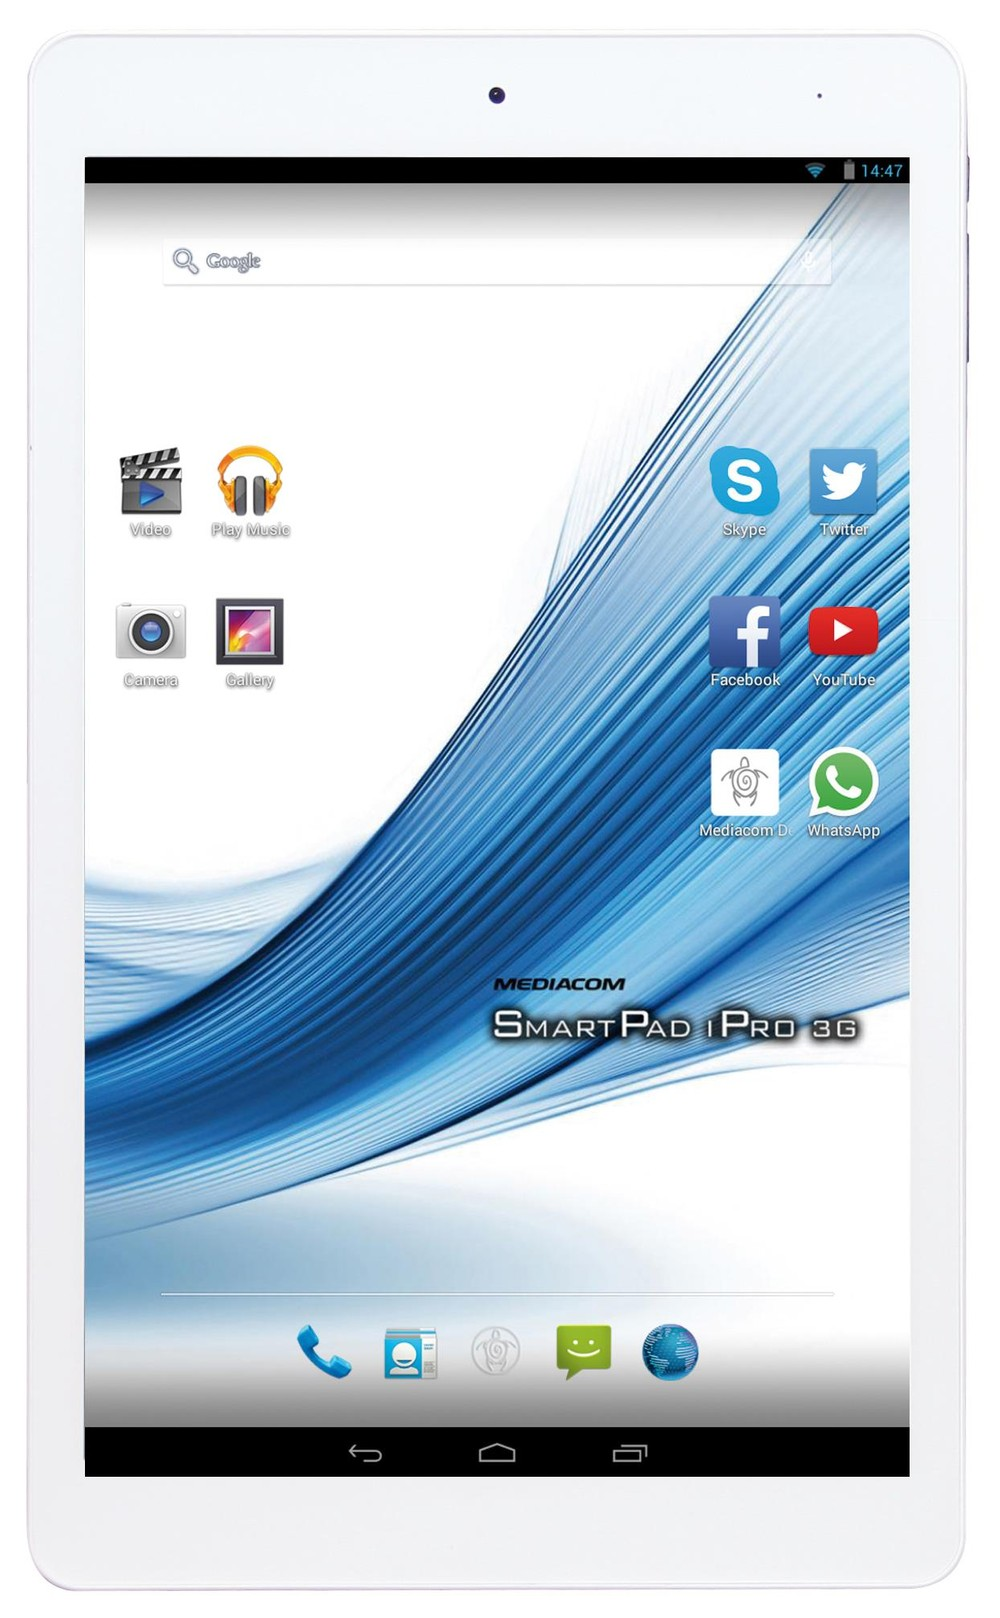 Mediacom SmartPad 10.1 iPro 3G